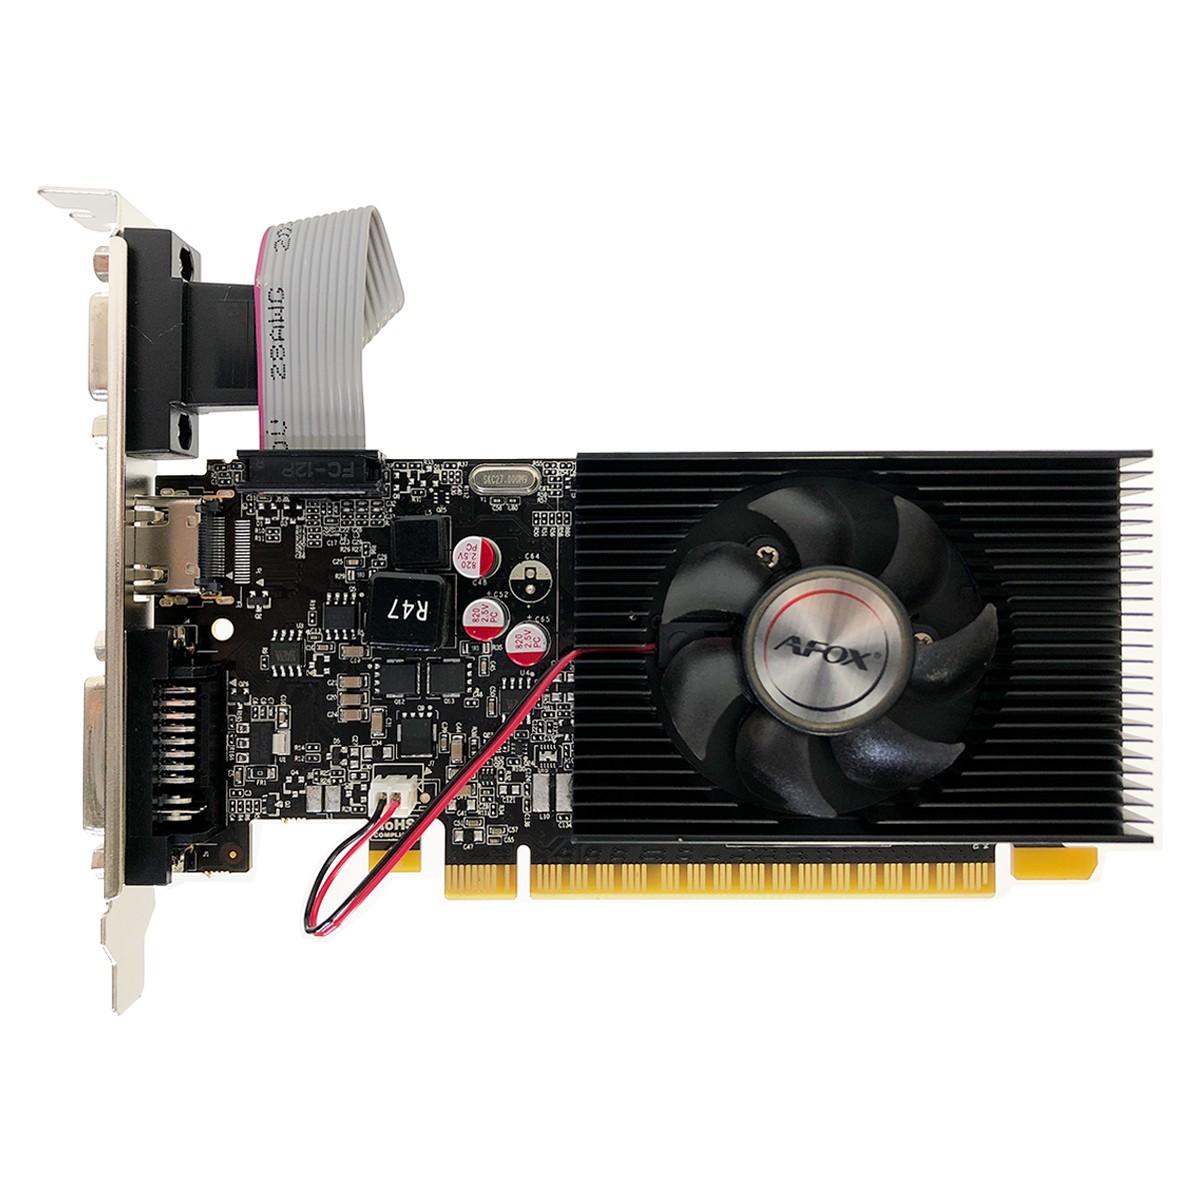 Placa de Vídeo Afox GeForce GT730 4GB, DDR3, 128 Bits, Low Profile, HDMI/DVI/VGA - AF730-4096D3L5